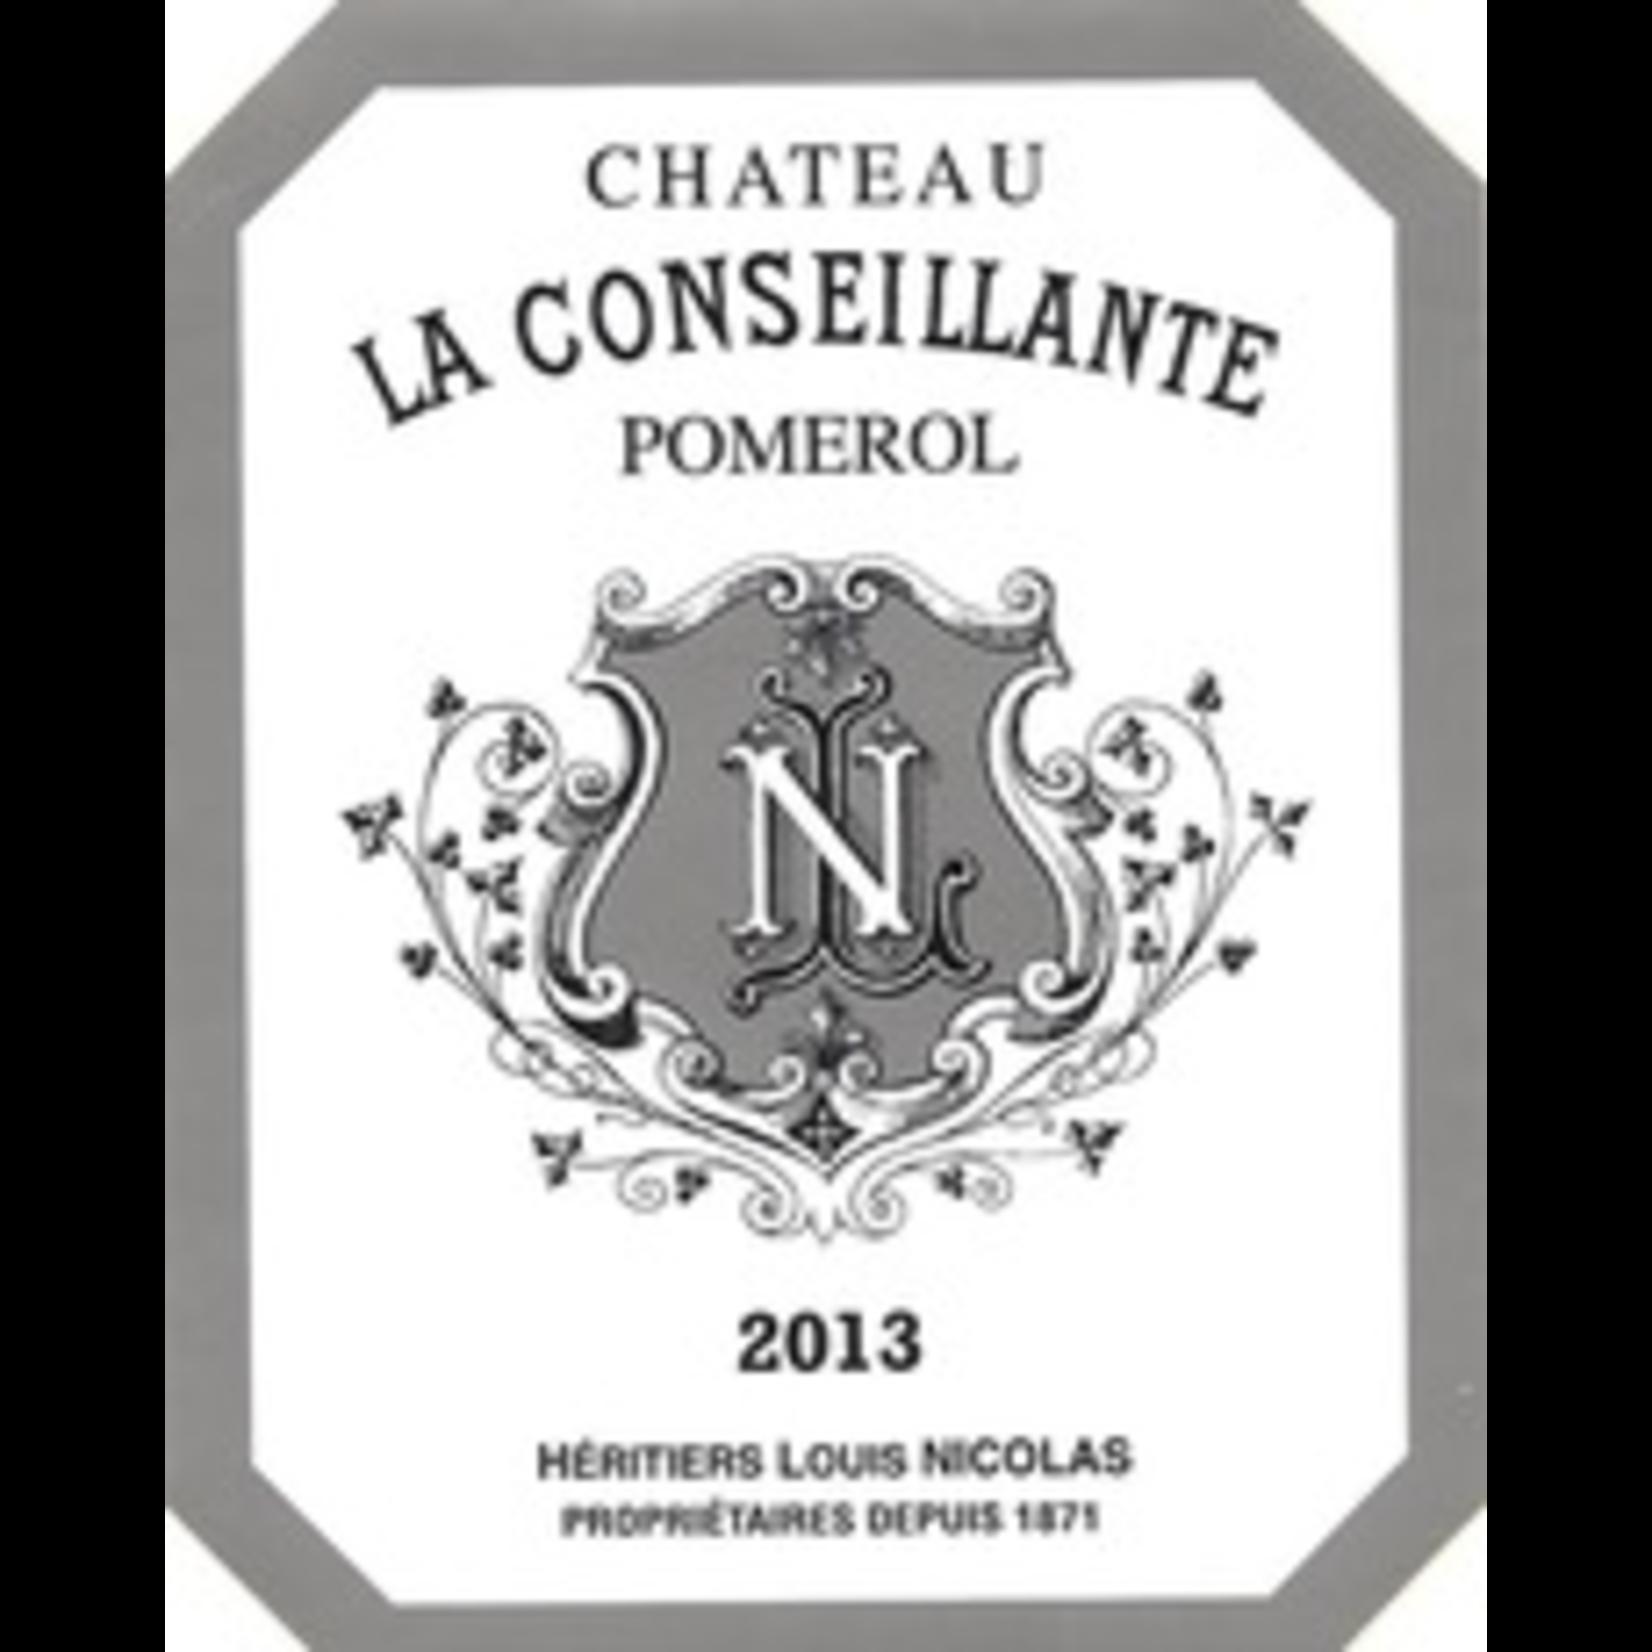 Wine Chateau La Conseillante Pomerol 2012